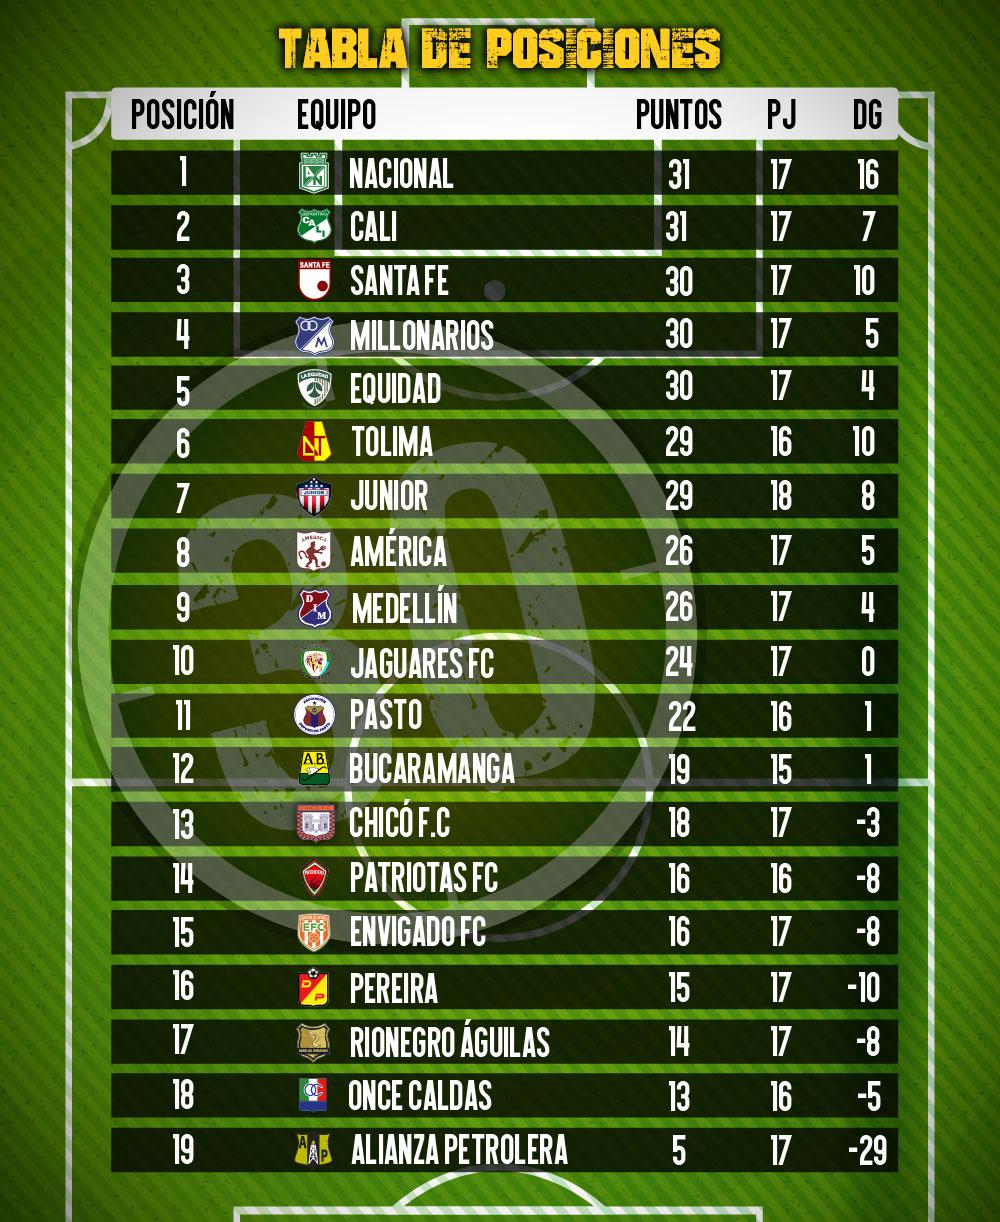 tabla de posiciones 4